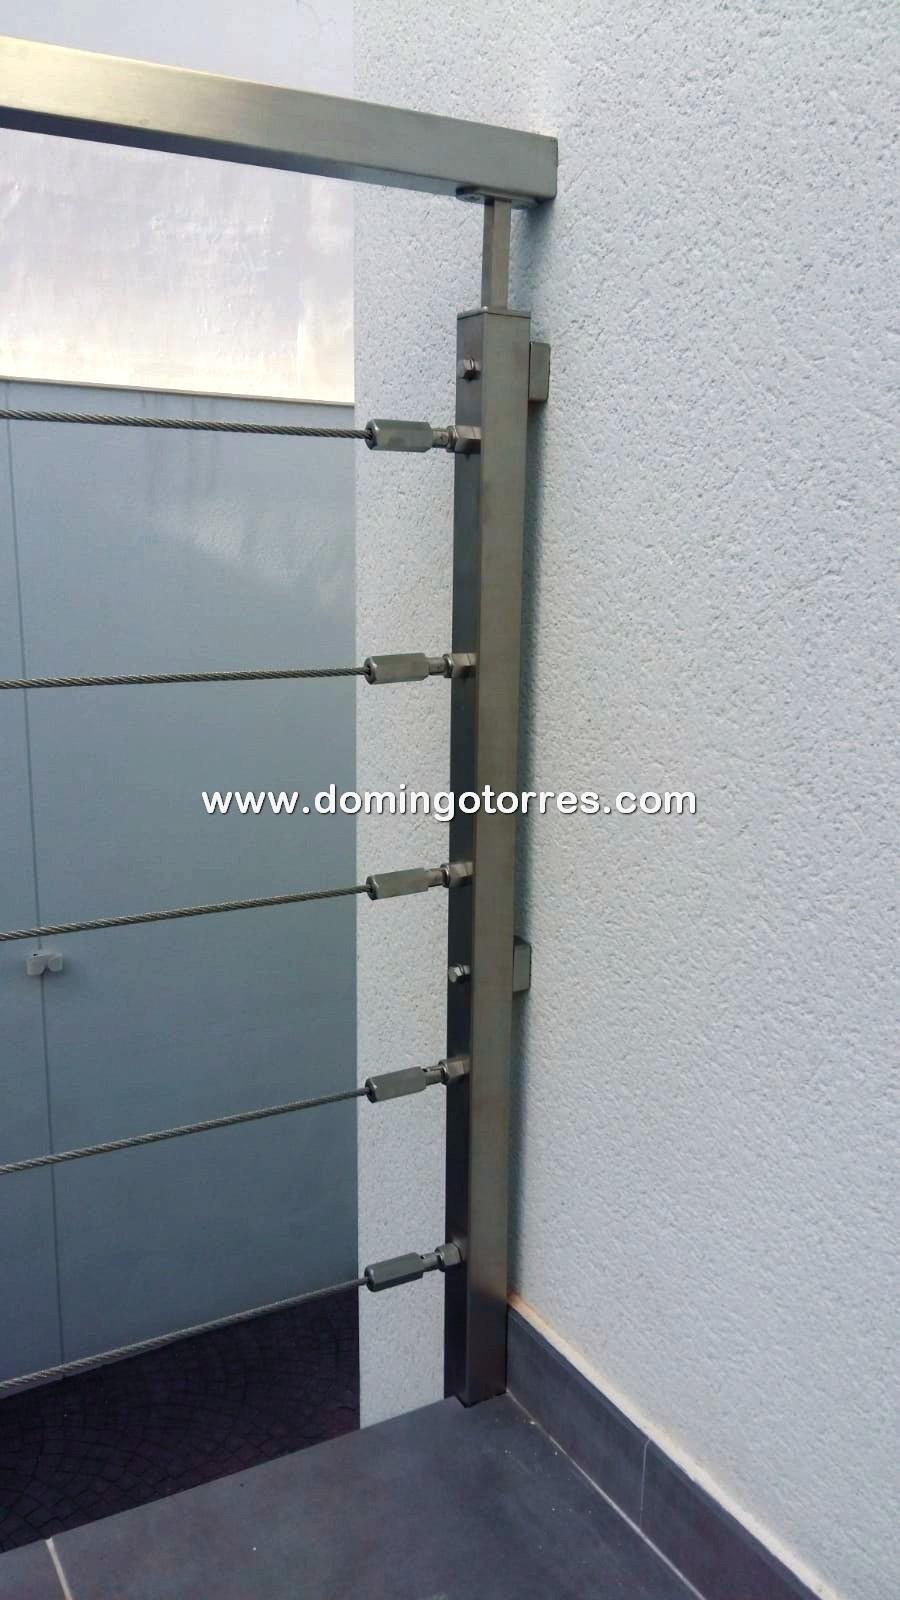 Nº8703 Baranda exterior recta con cables de acero inox